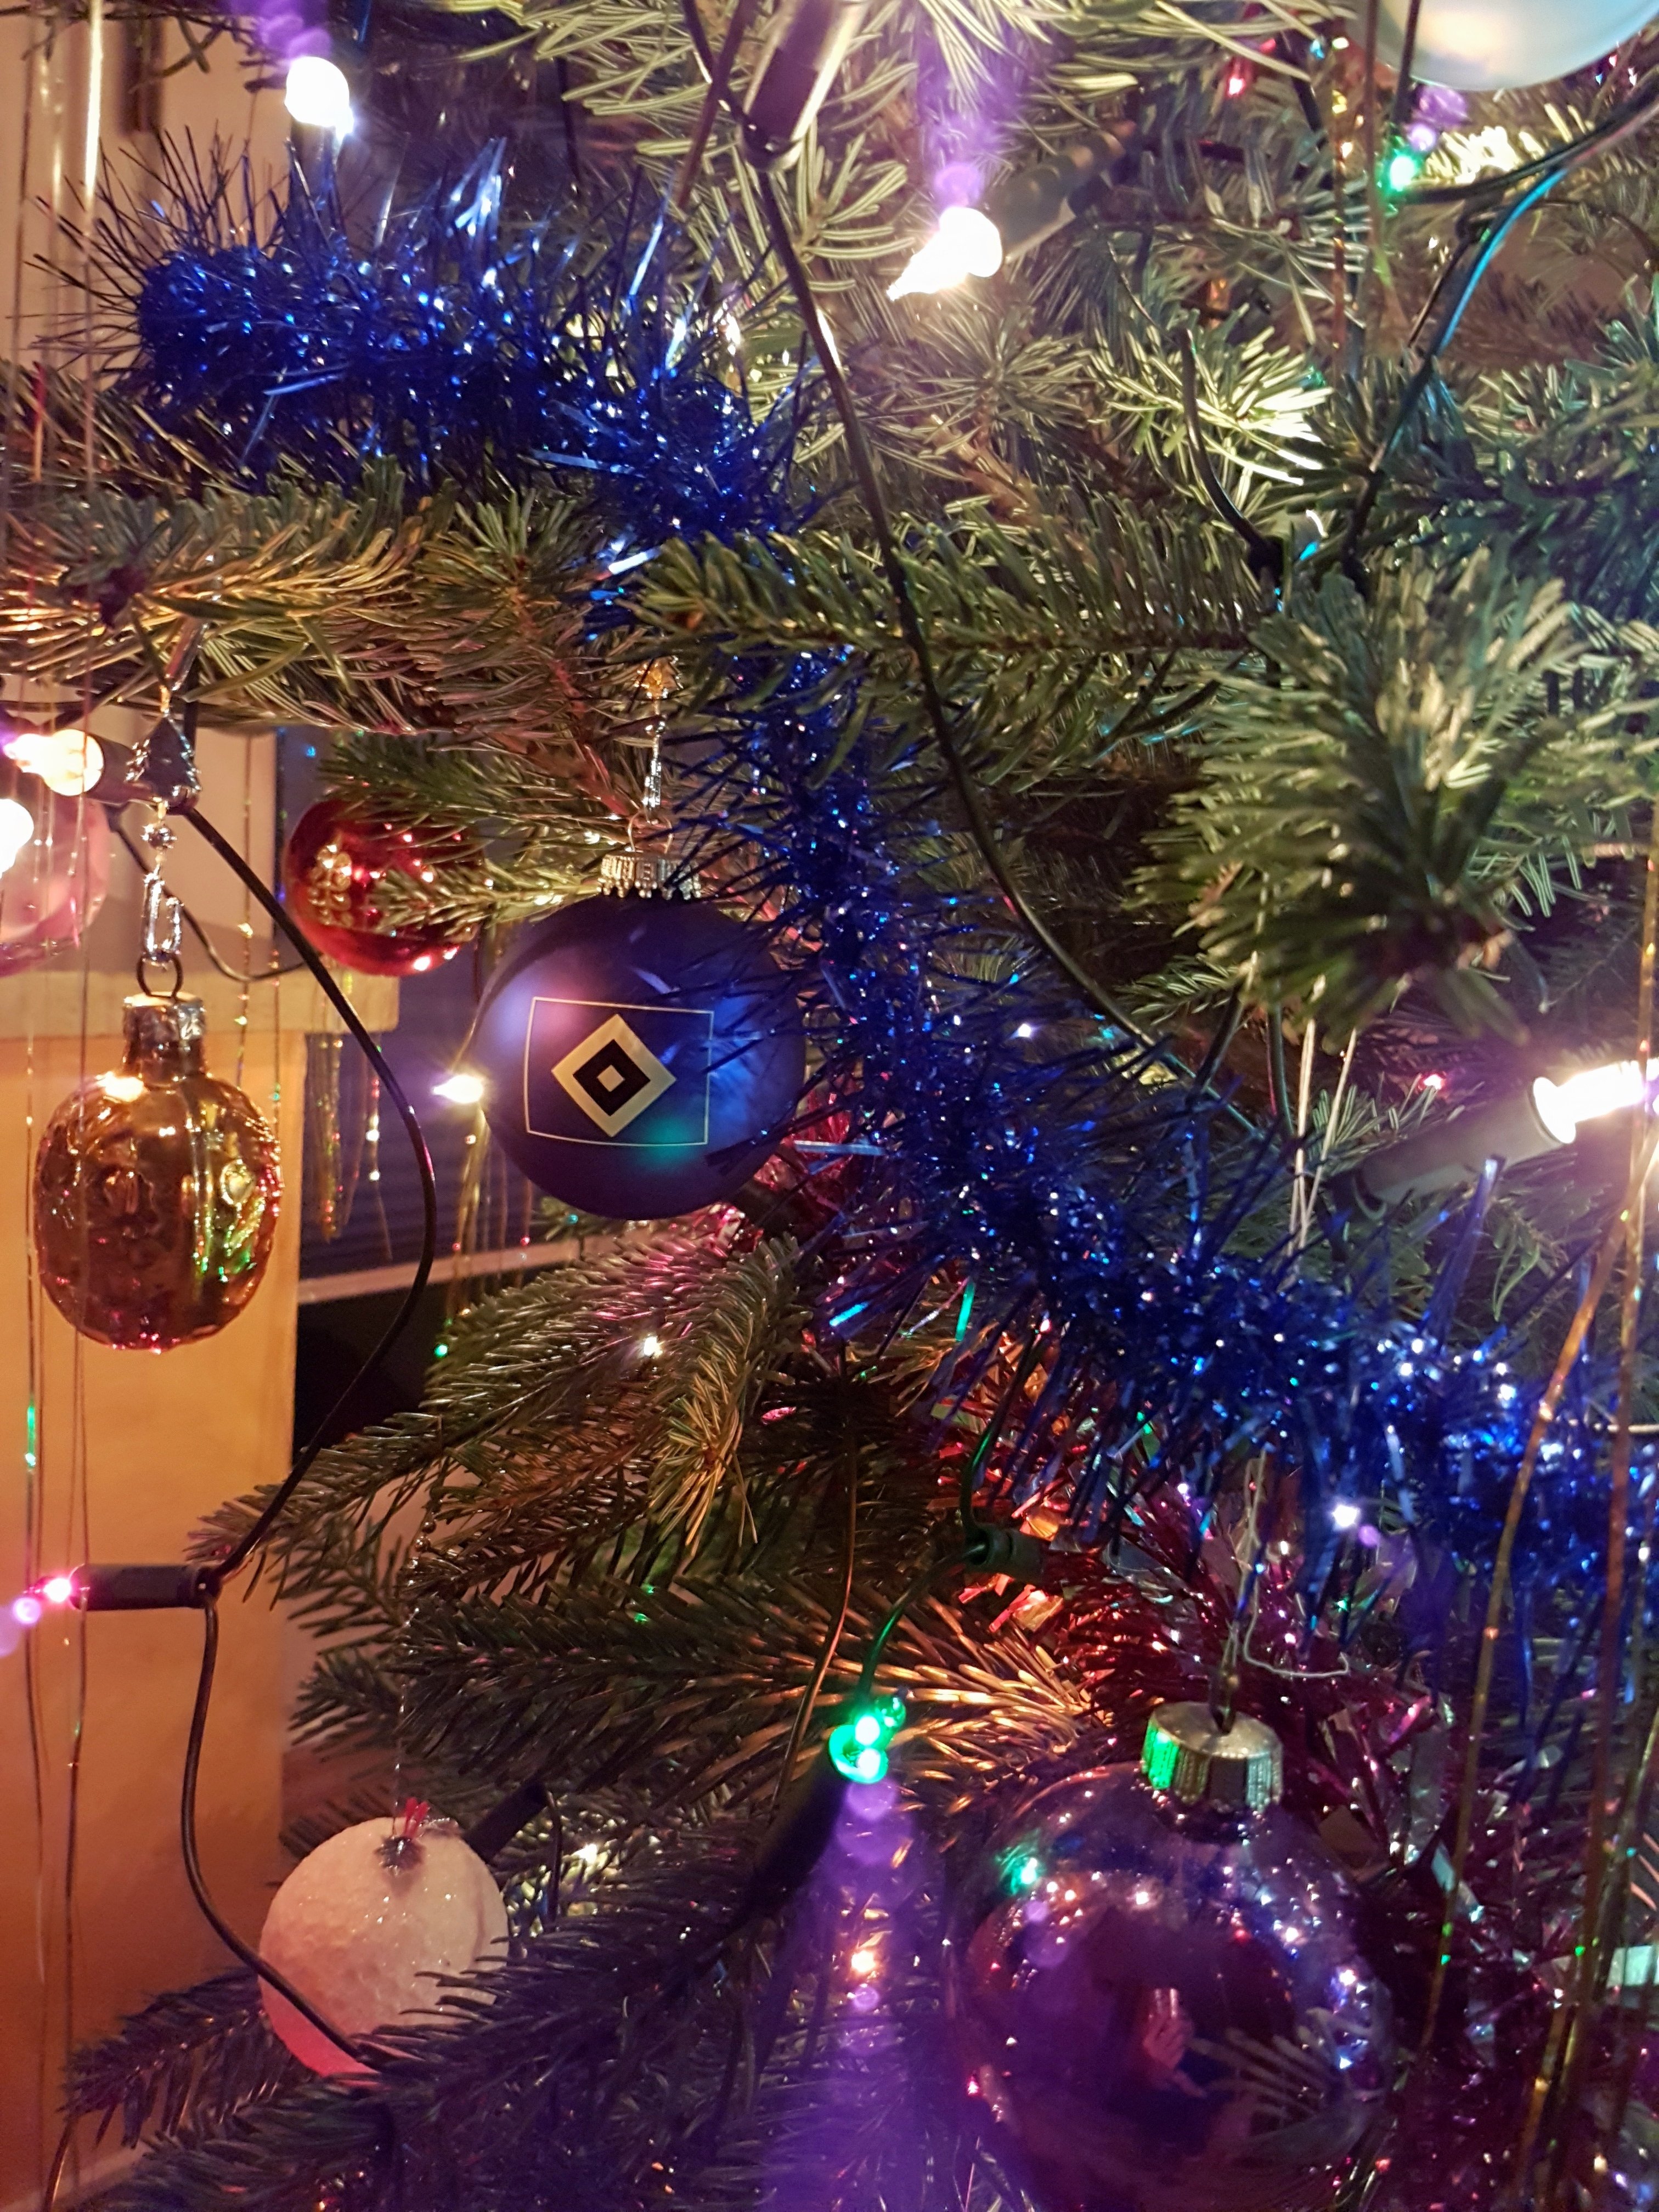 Frohe Weihnachten Hsv.Frohe Weihnachten Und Einen Guten Rutsch Hsv Fanprojekt